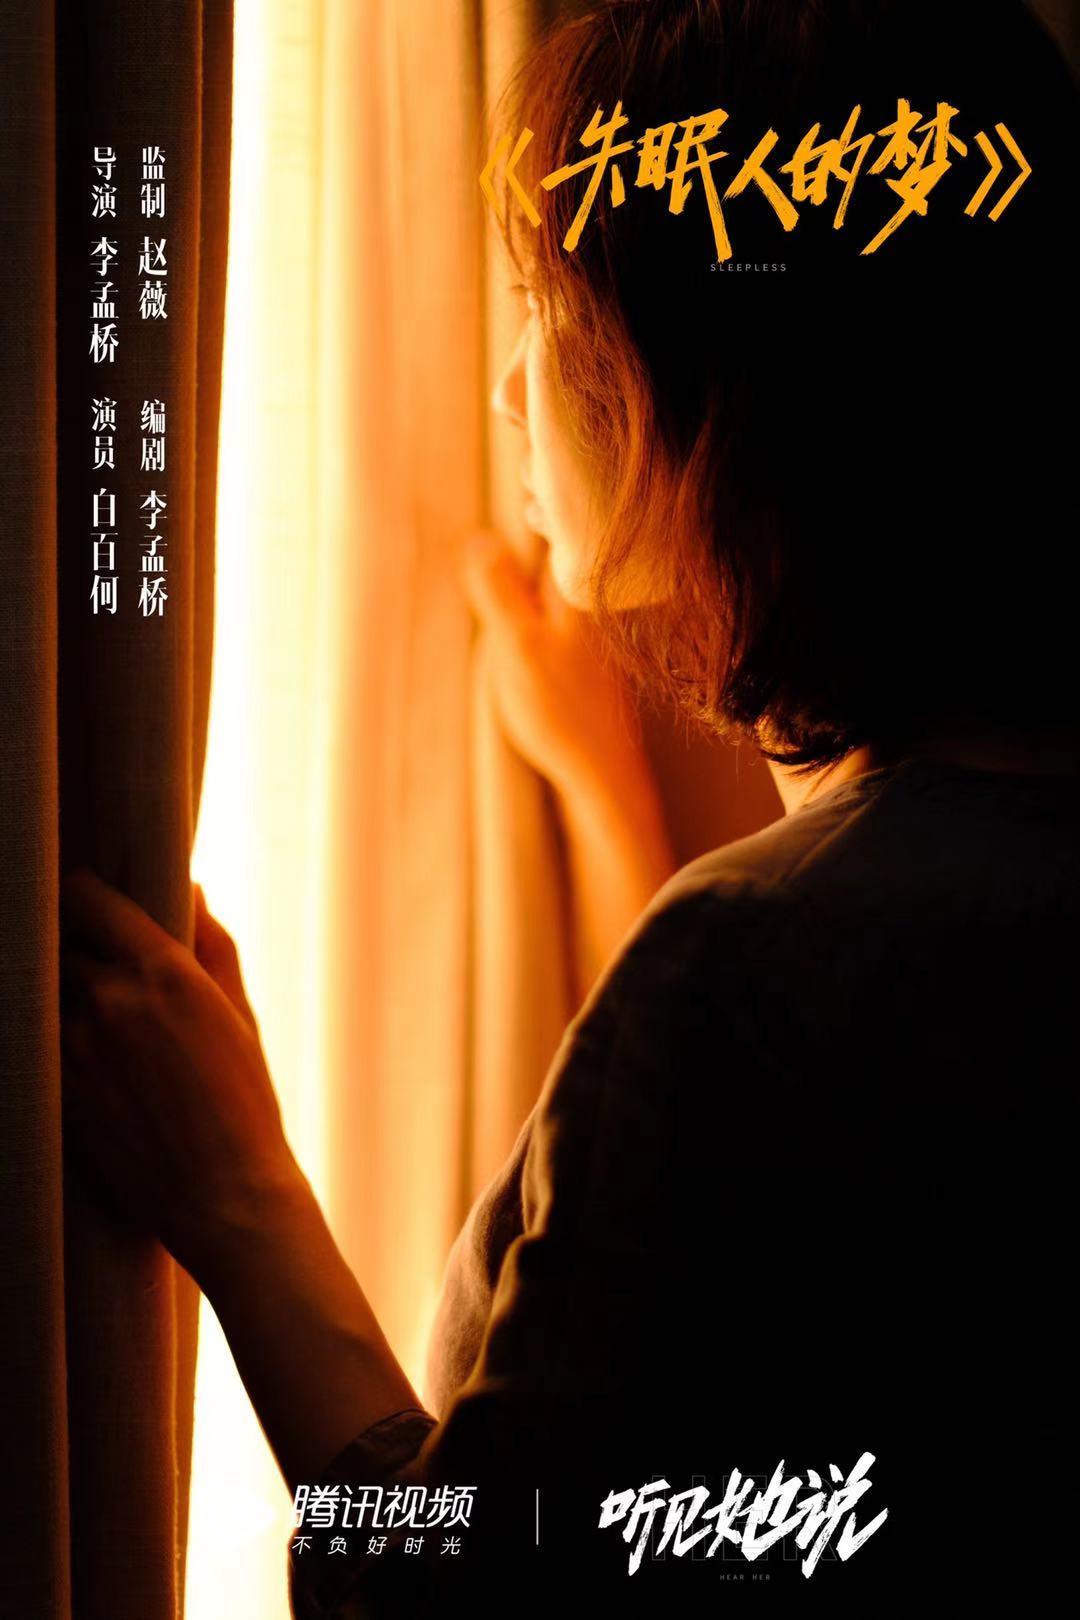 白百何《听见她说》主演单元《失眠人的梦》上线 短剧为女性发声